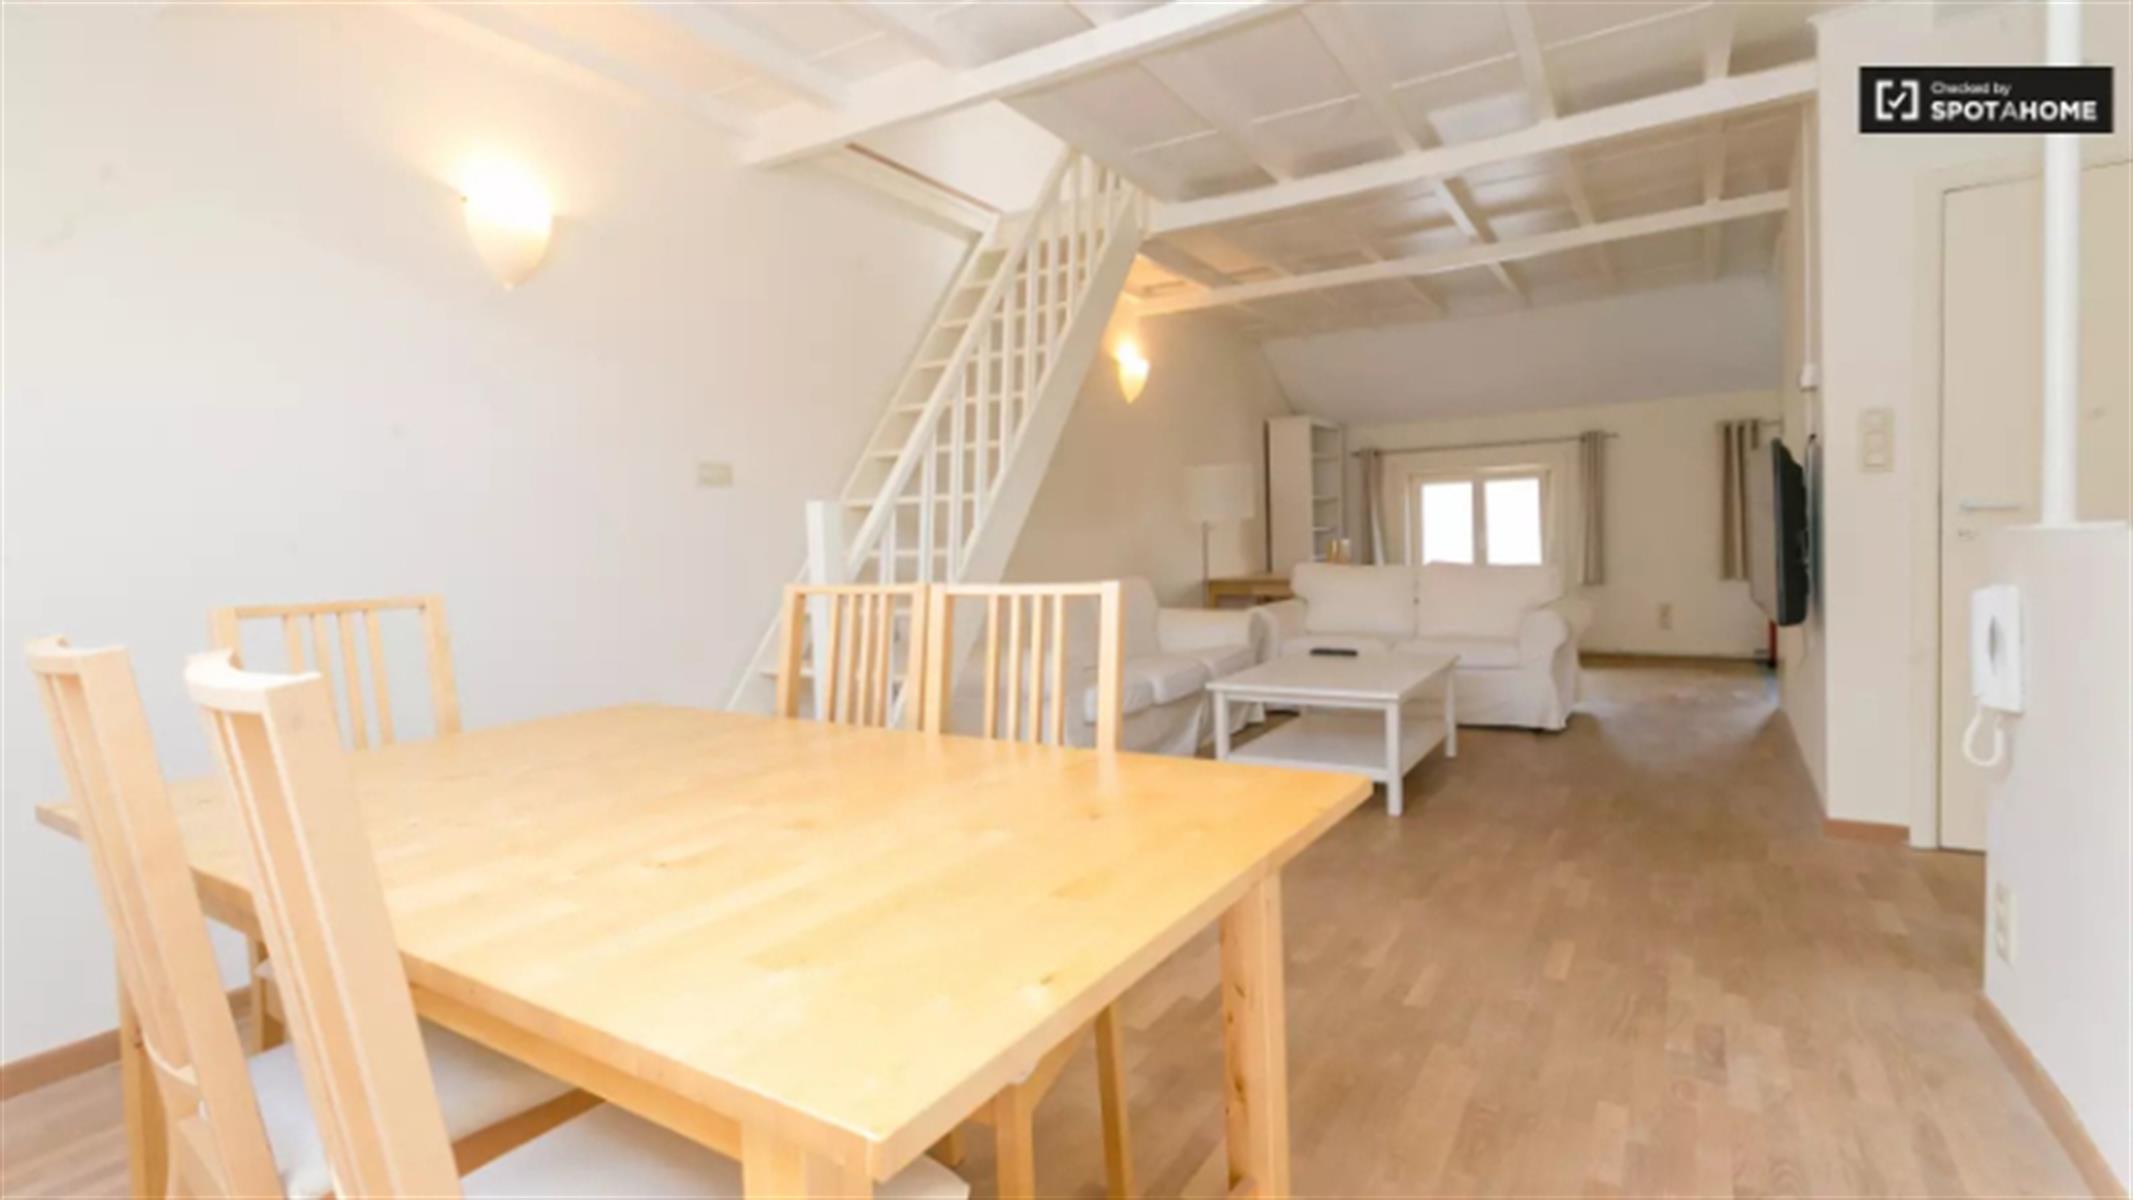 Appartement - Ixelles - #4150592-3